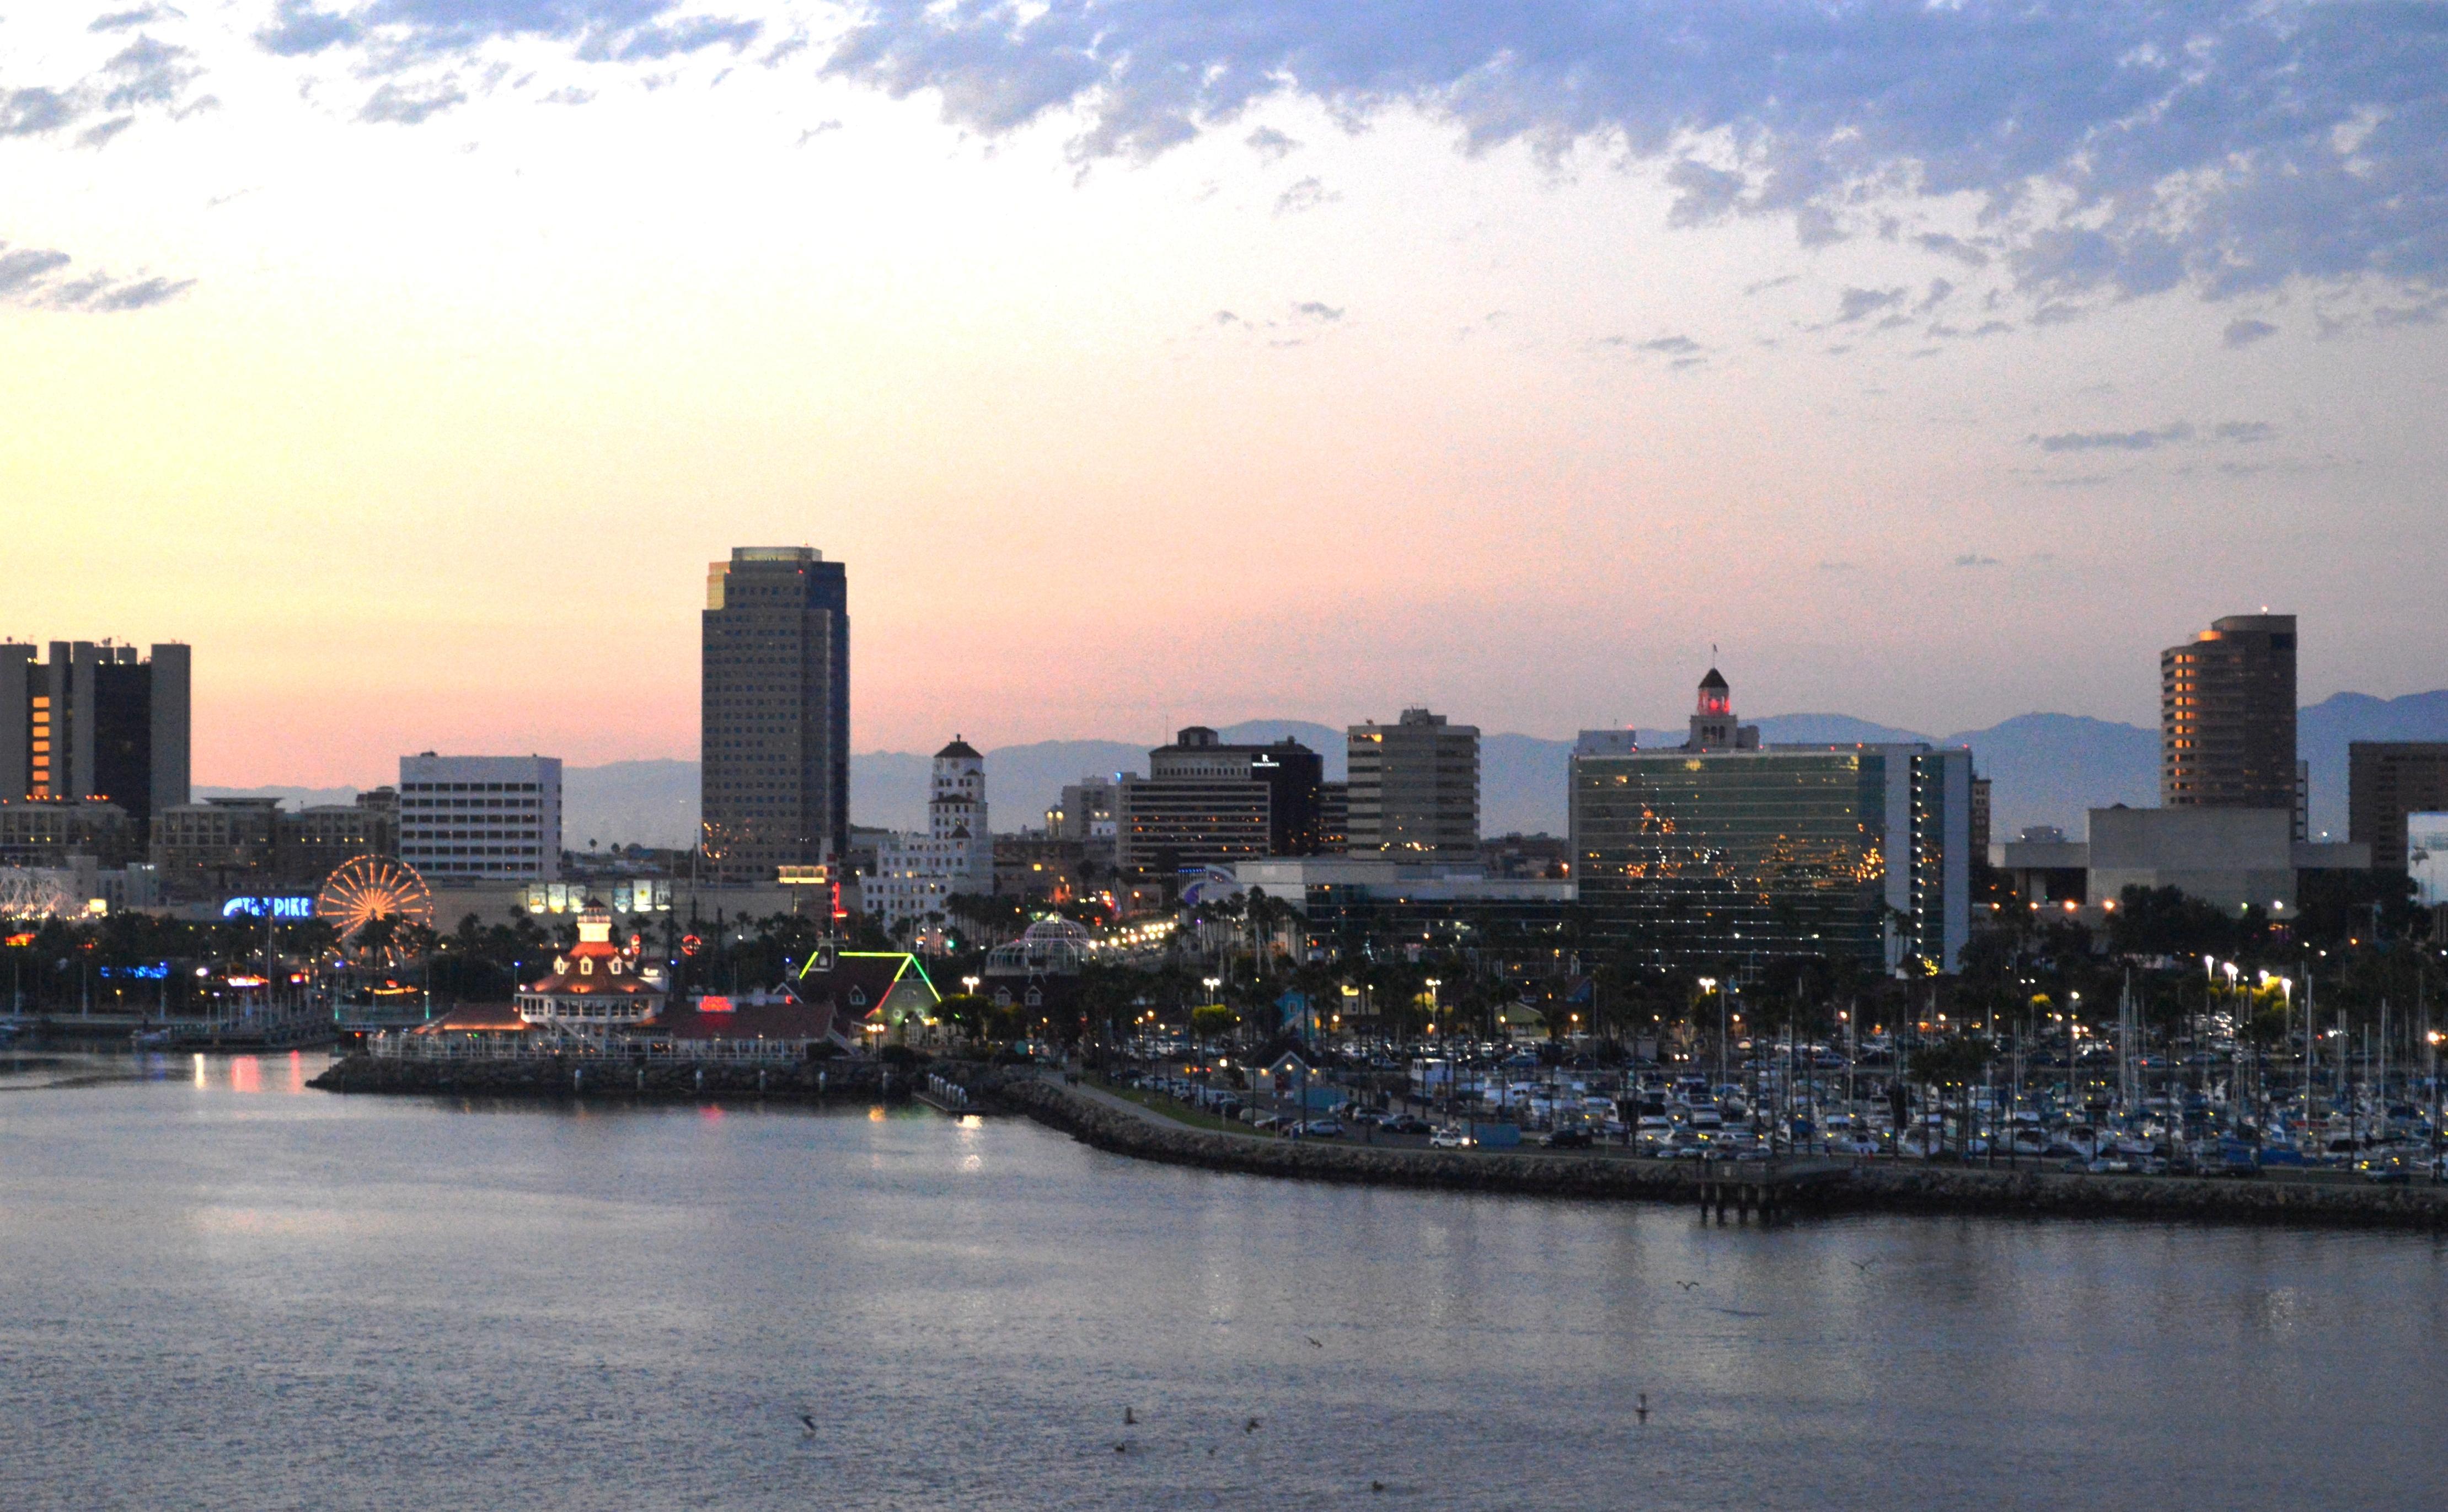 City Og Long Beach